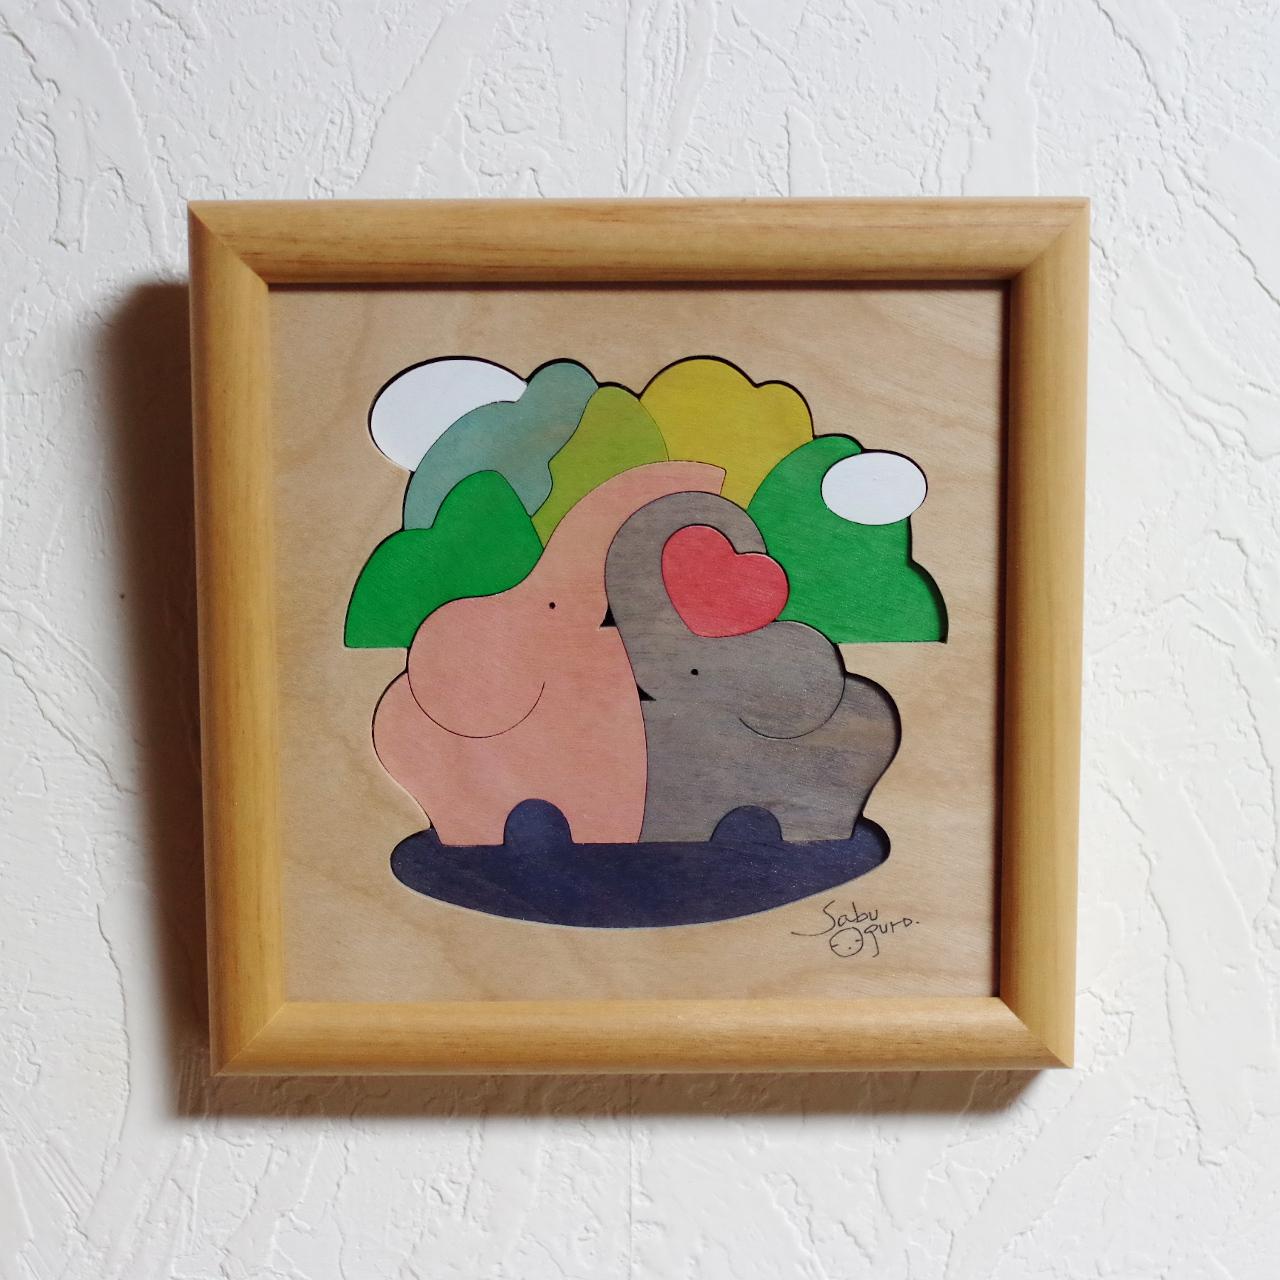 小黒三郎 組み木絵 ゾウのカップルとハート